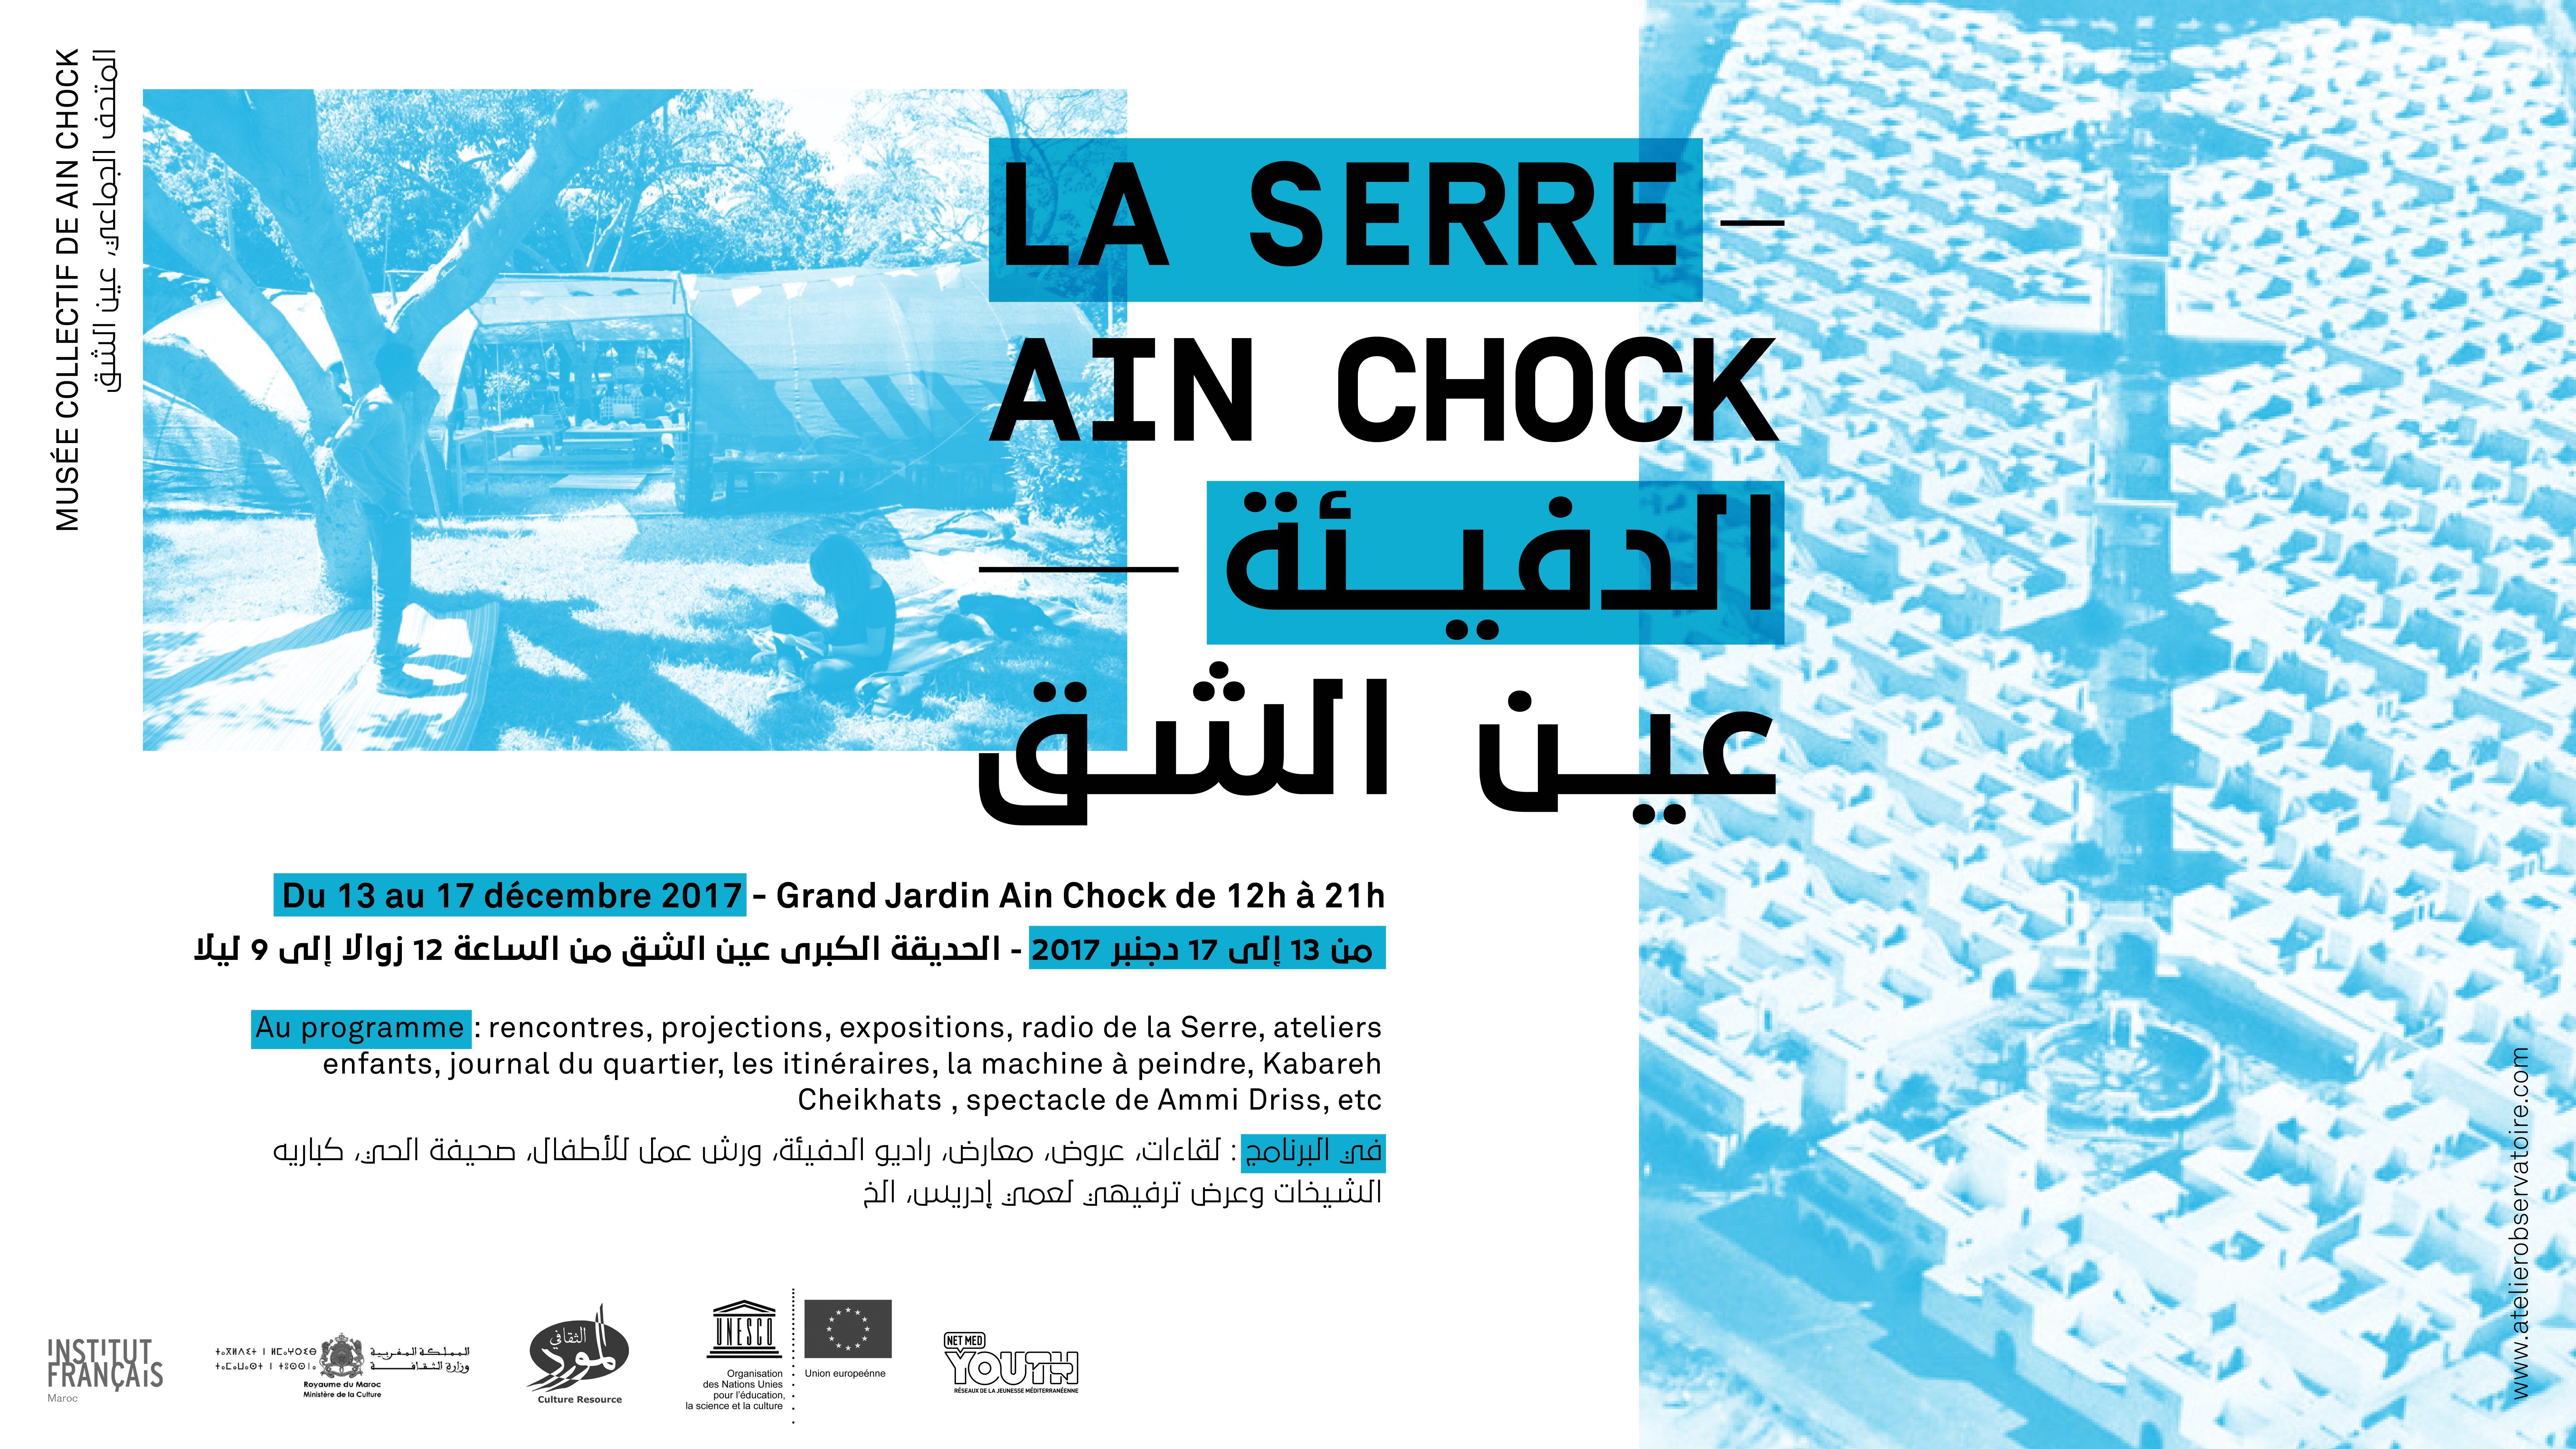 LA SERRE, Aïn chock | L\'Atelier de l\'Observatoire, Art et Recherche